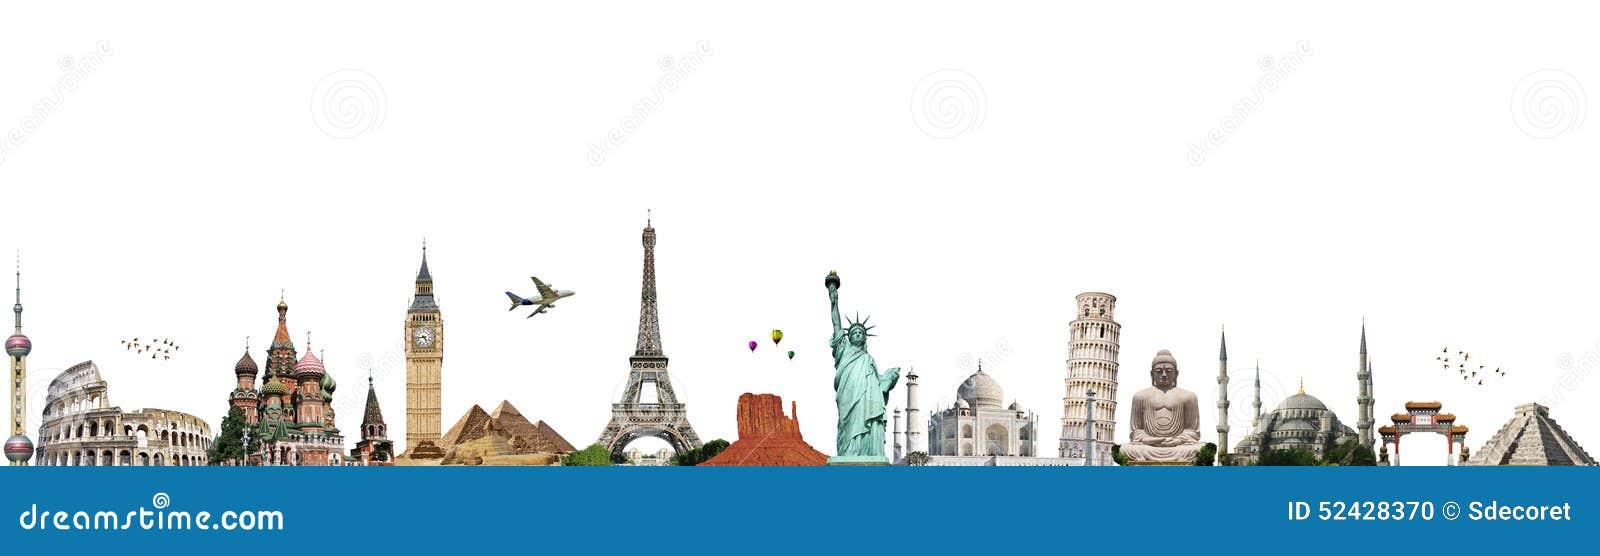 Viaja o conceito do monumento do mundo